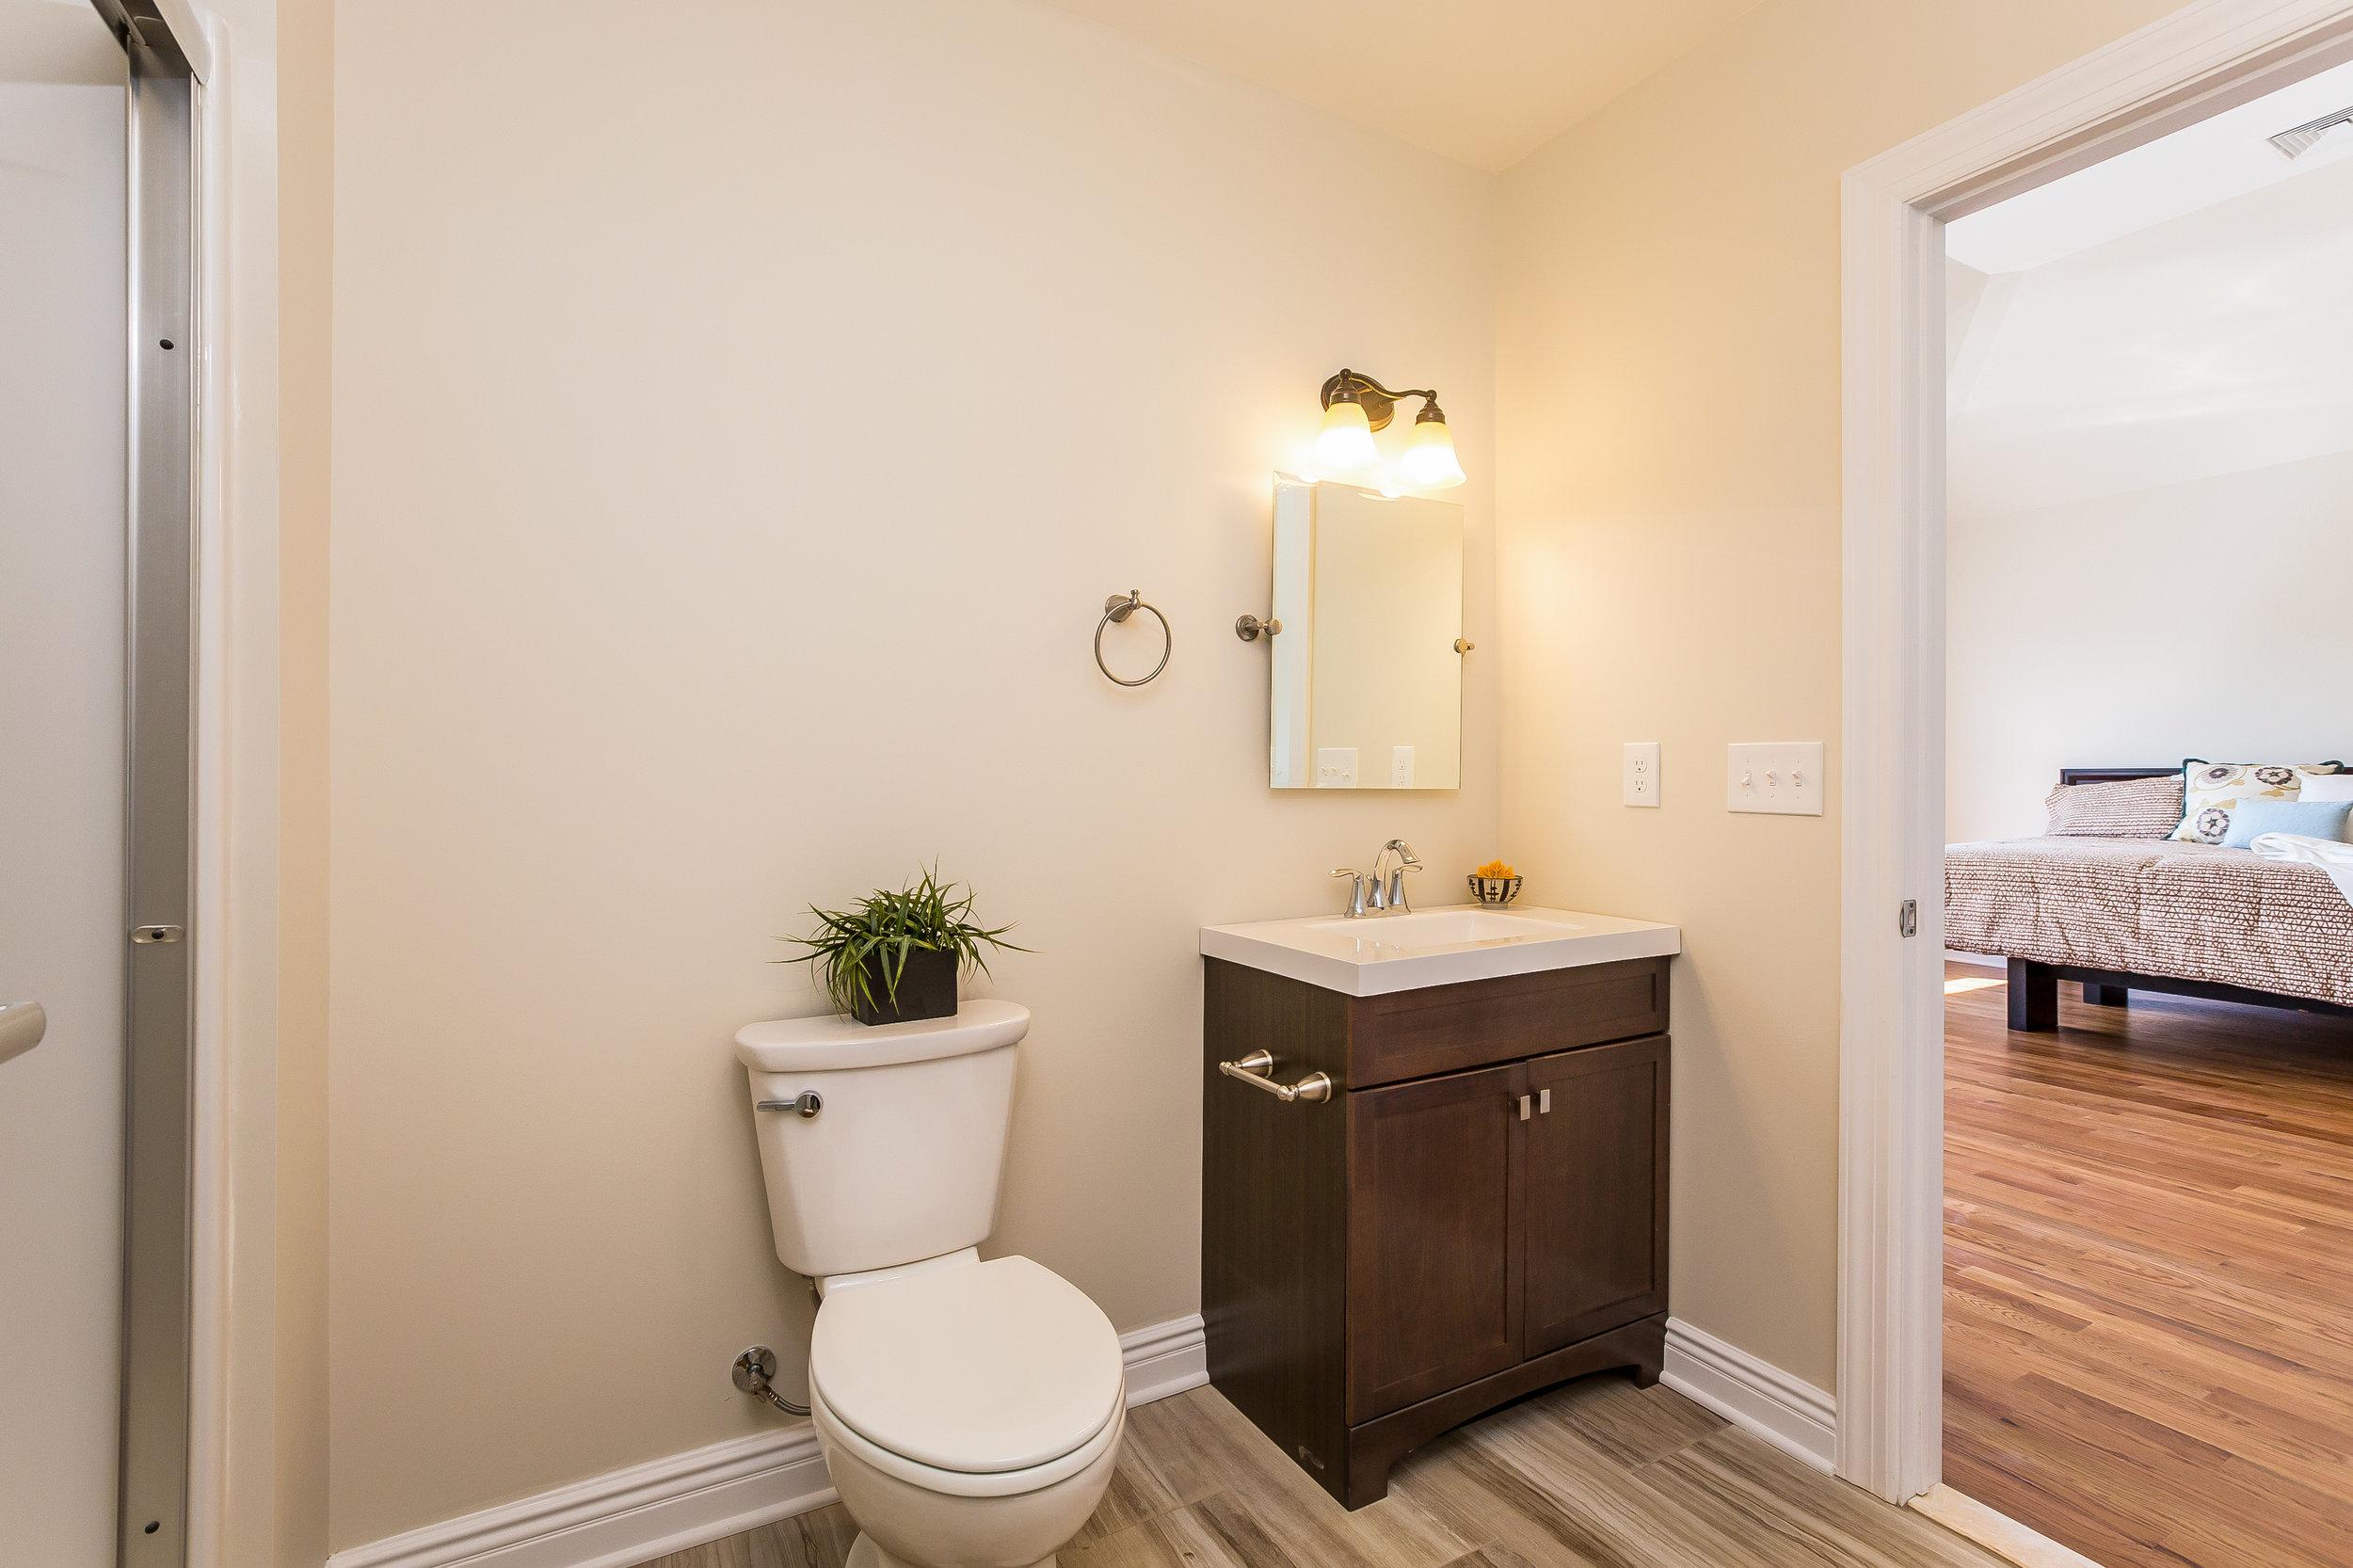 048-Master_Bathroom-3992668-large.jpg